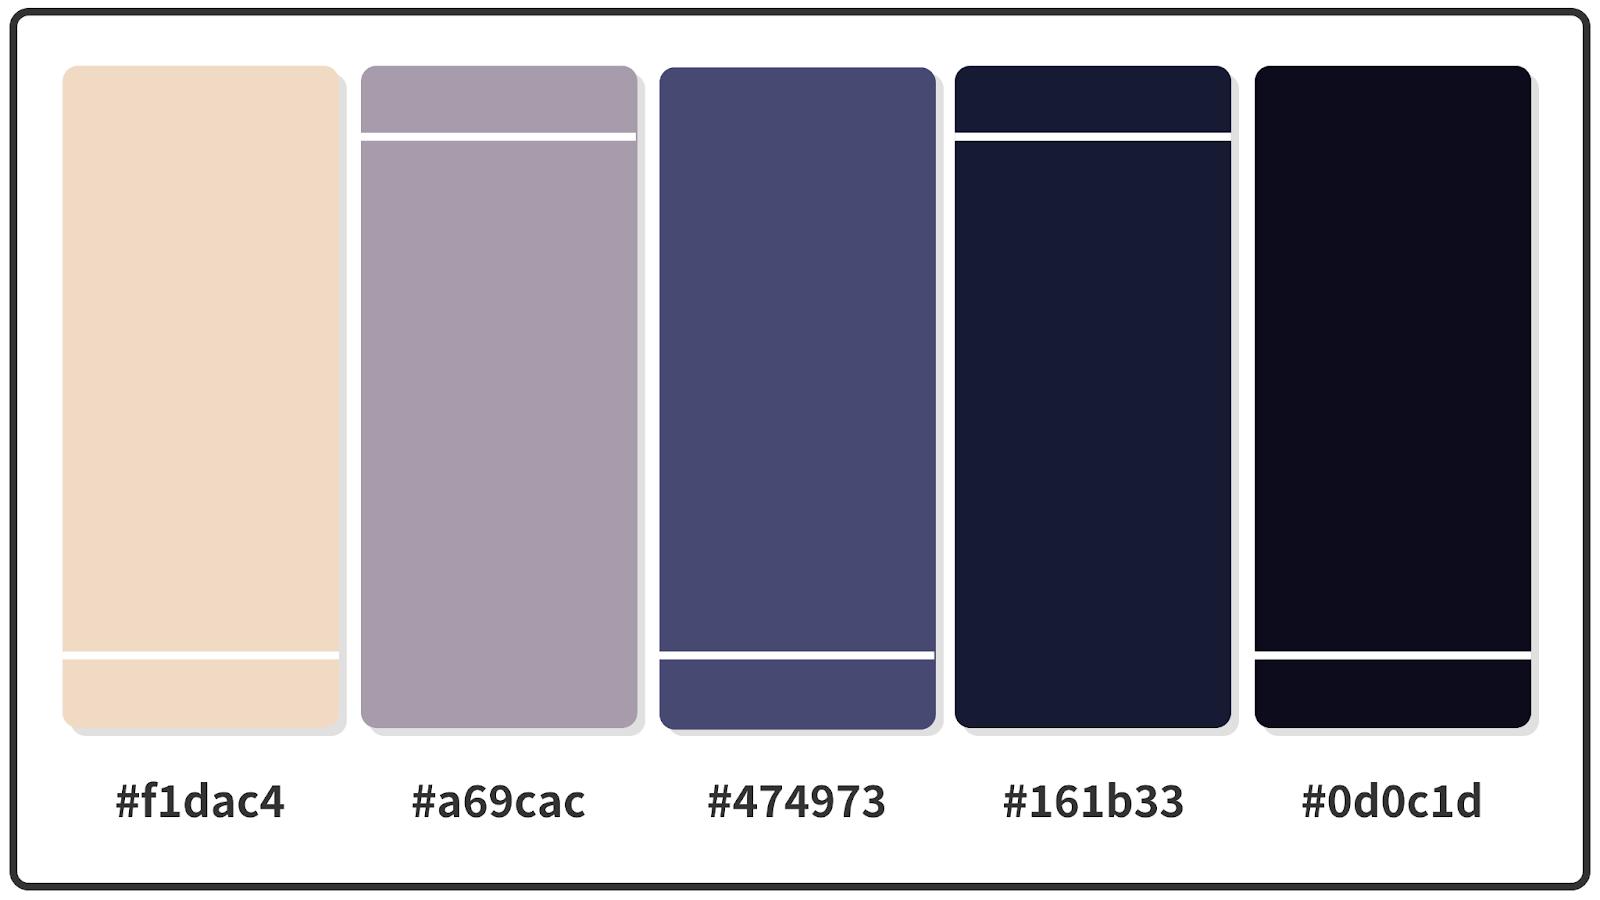 Almond + Purple Navy + Oxford Blue Color Palette